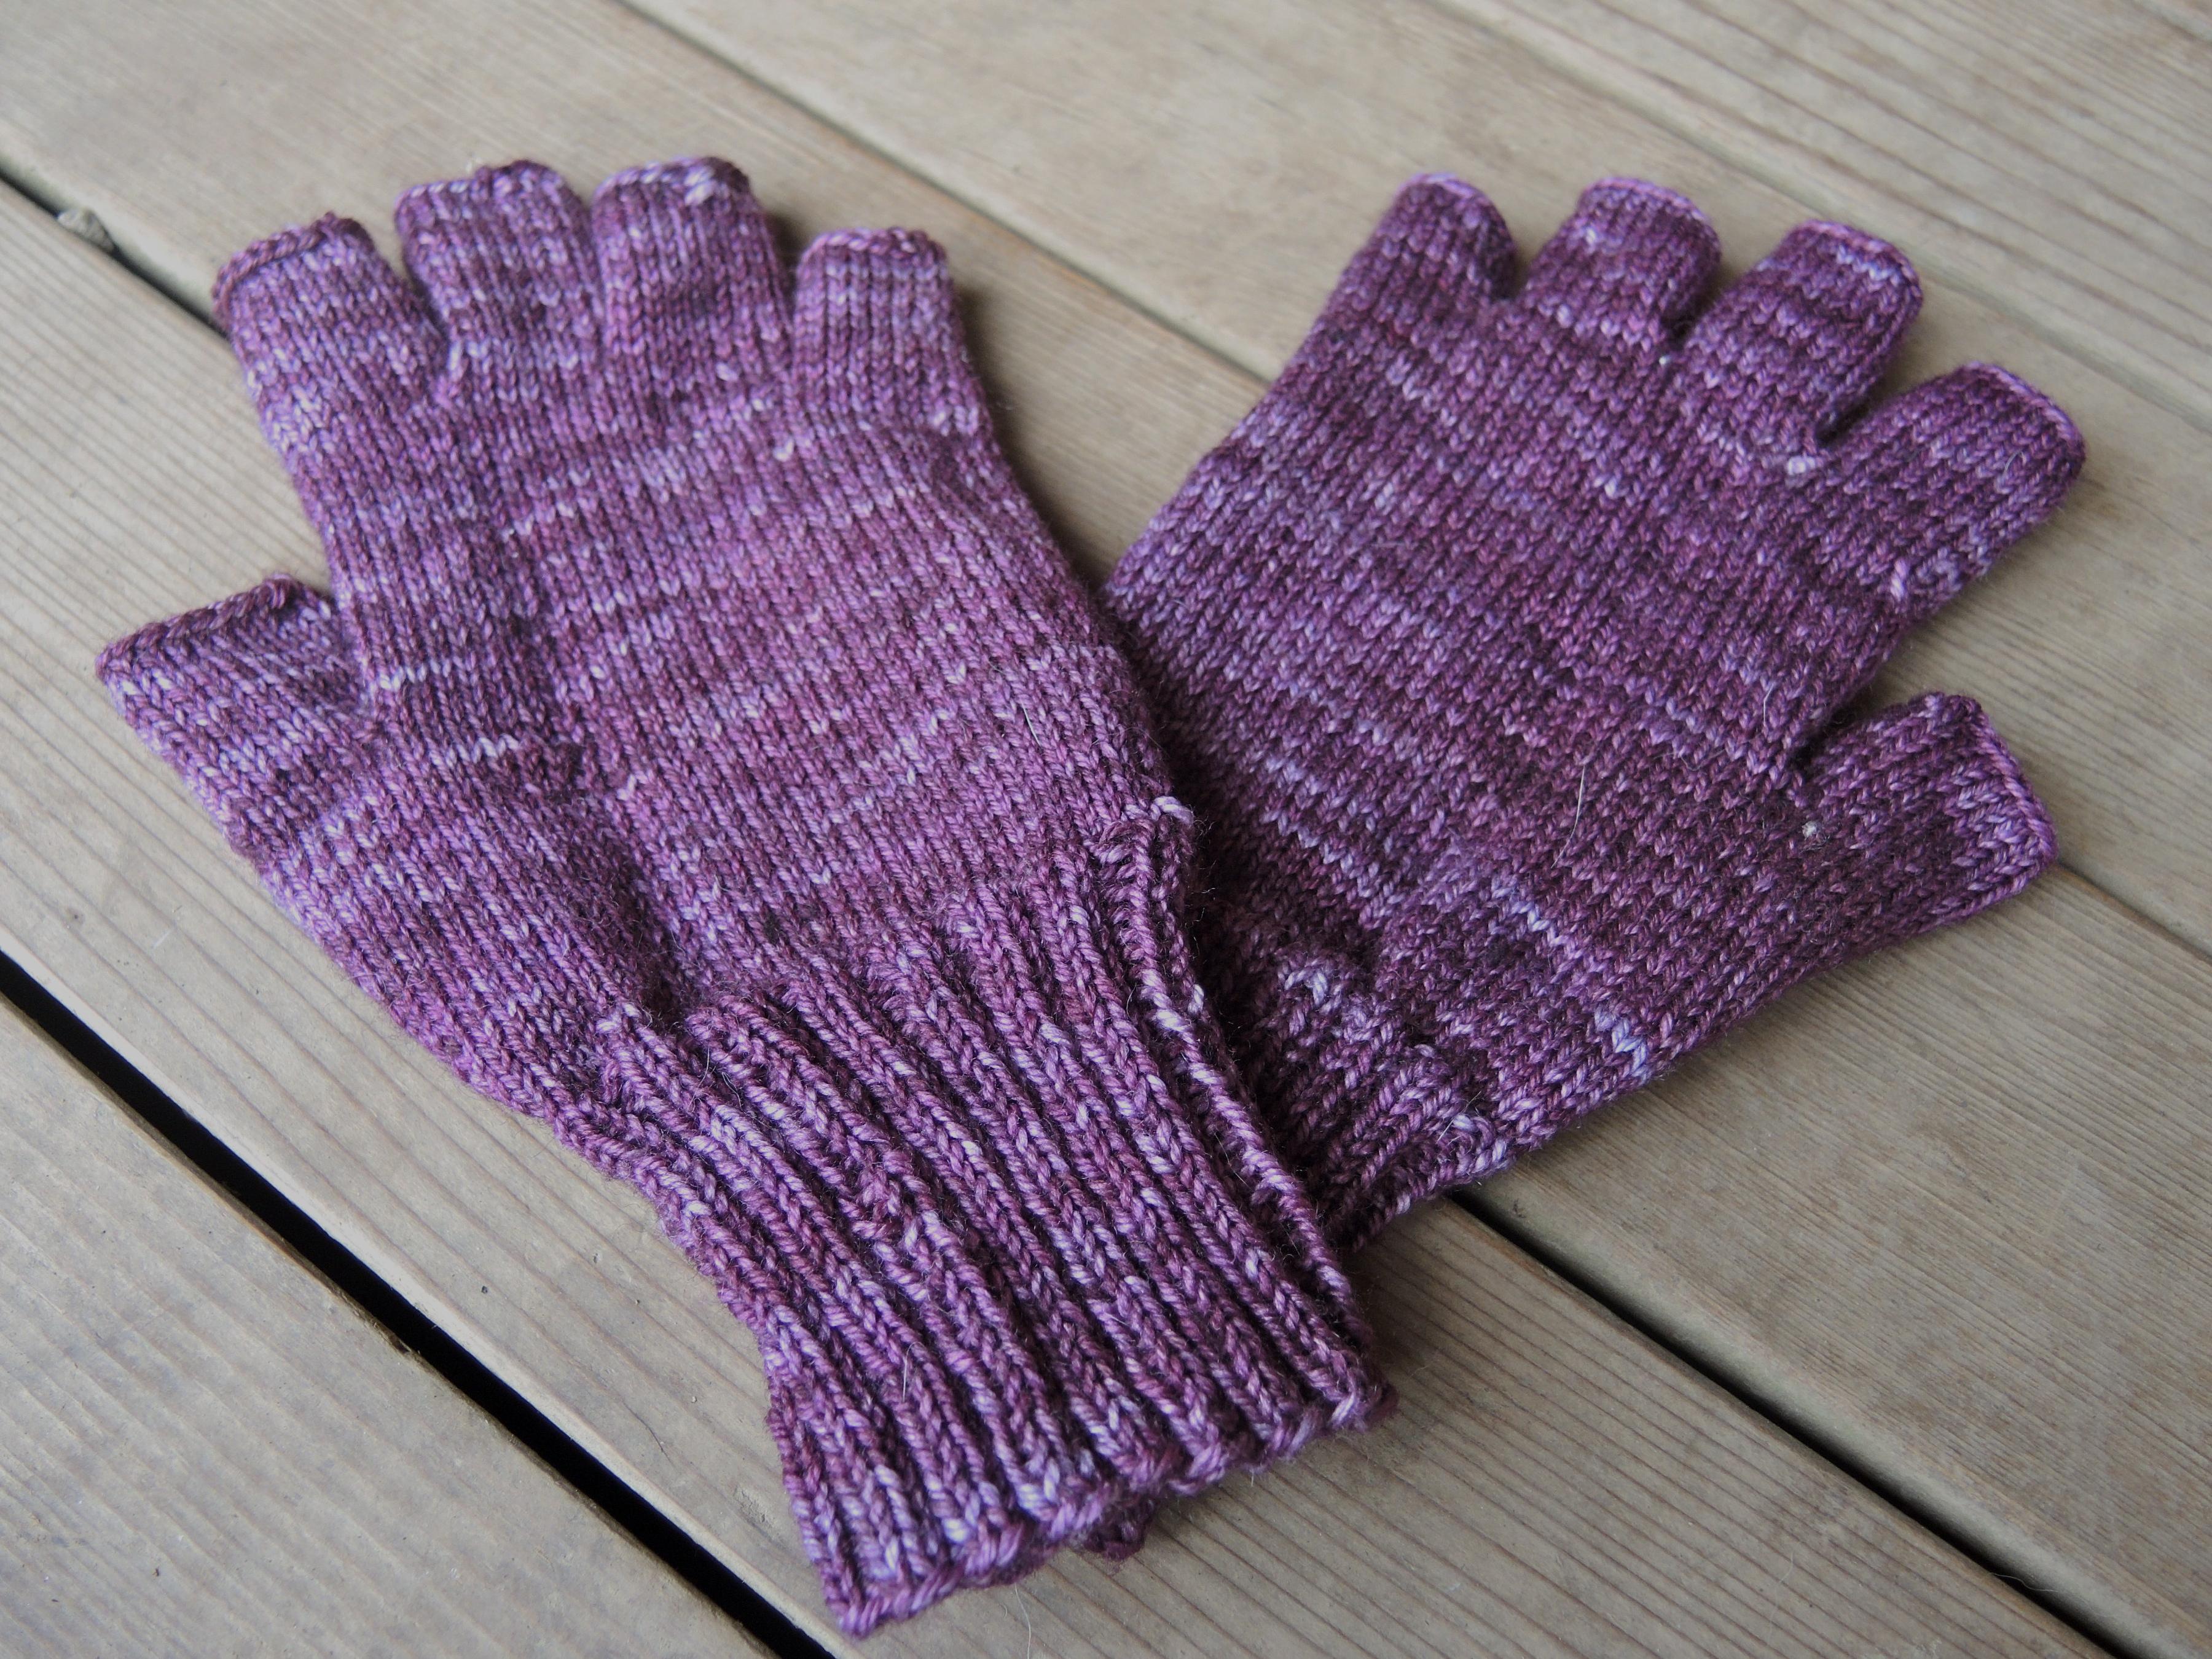 Knitting Pattern For Gloves Violeta Fingerless Gloves Blueberry Hill Crafting